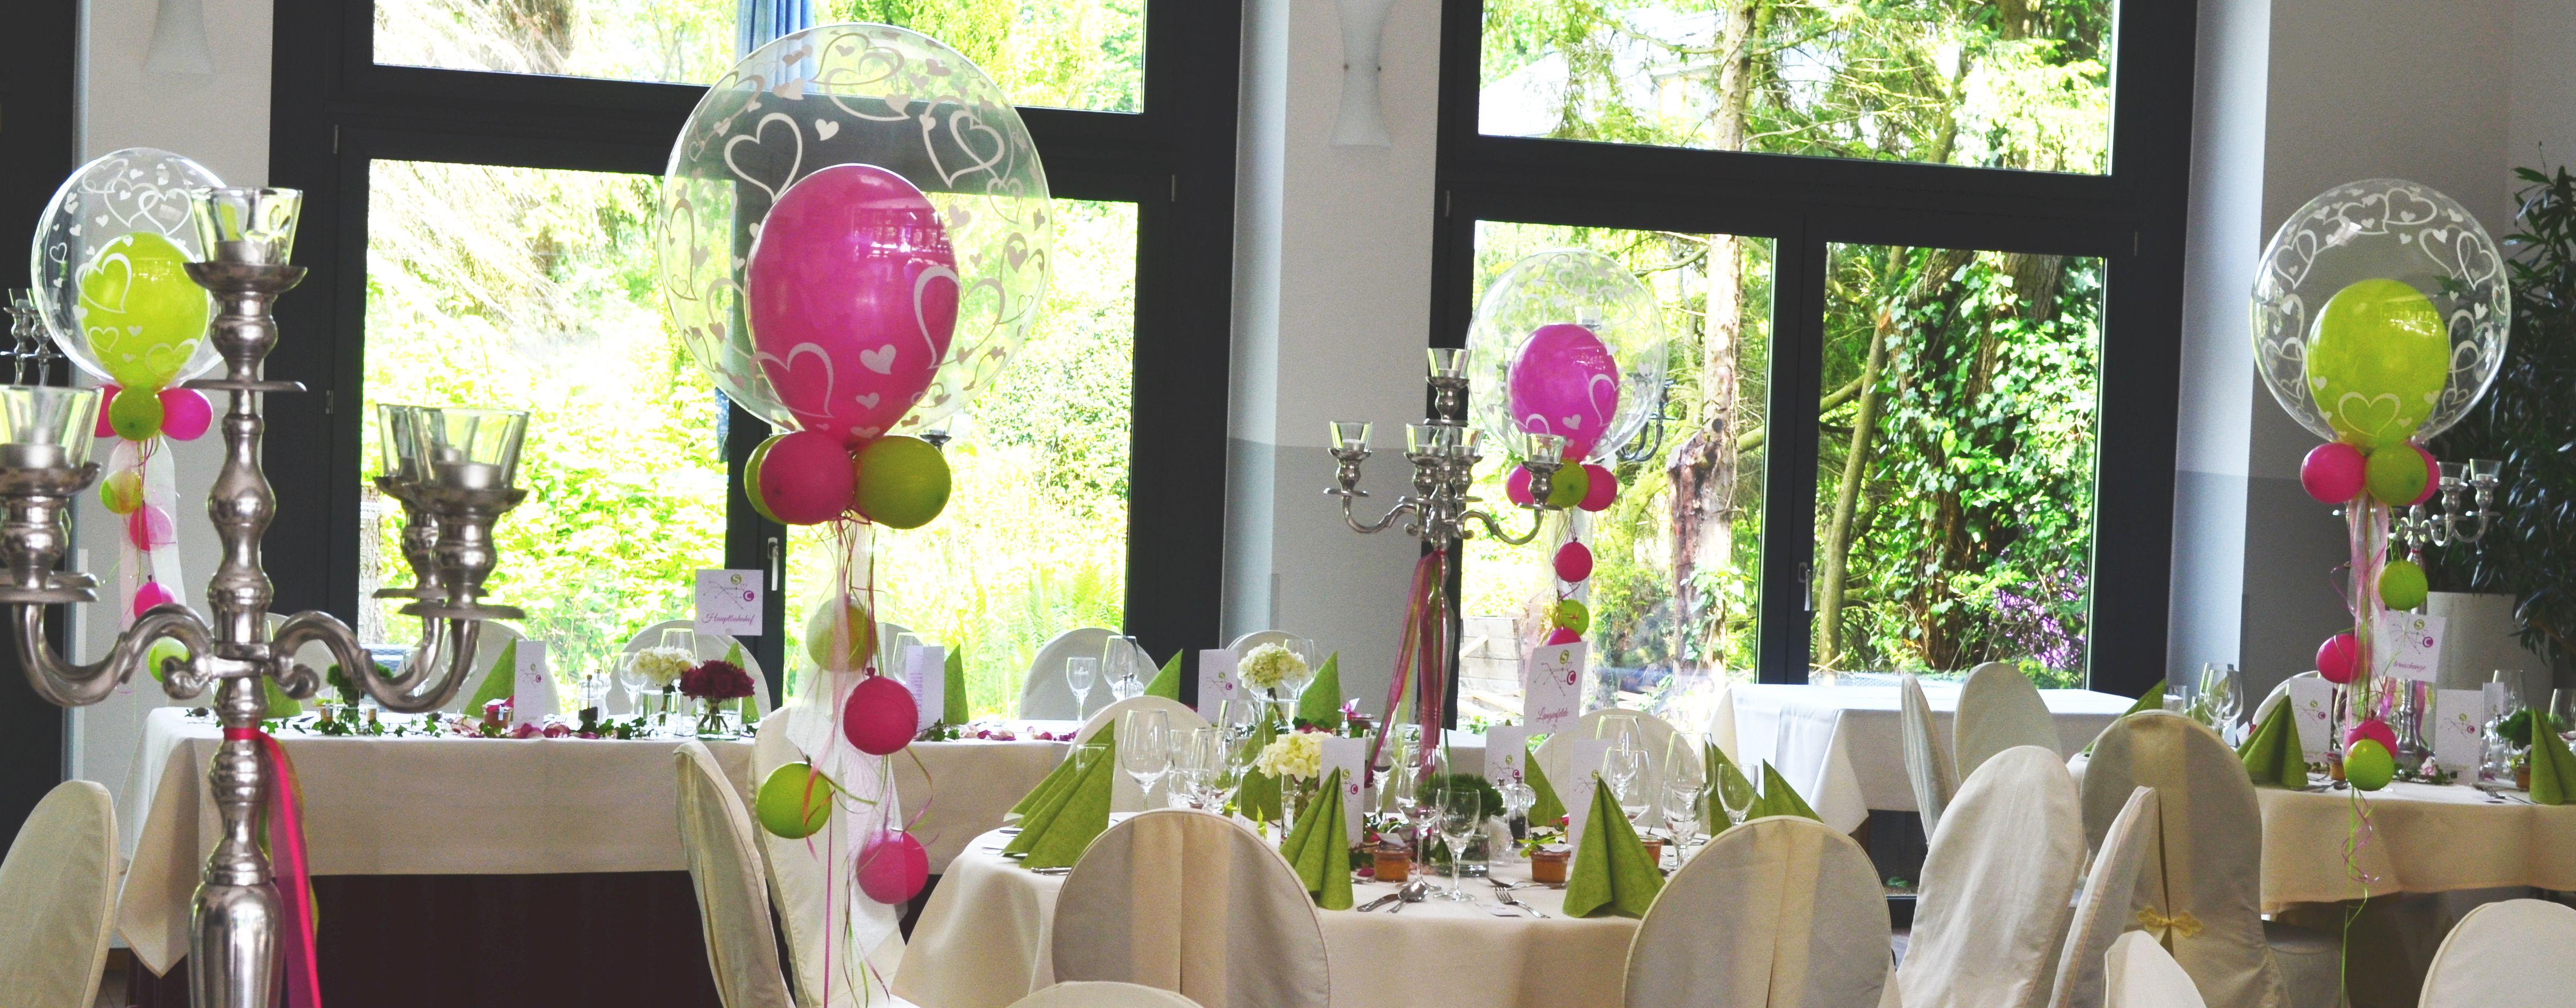 Partydeko Hochzeiten Hochzeitsdeko